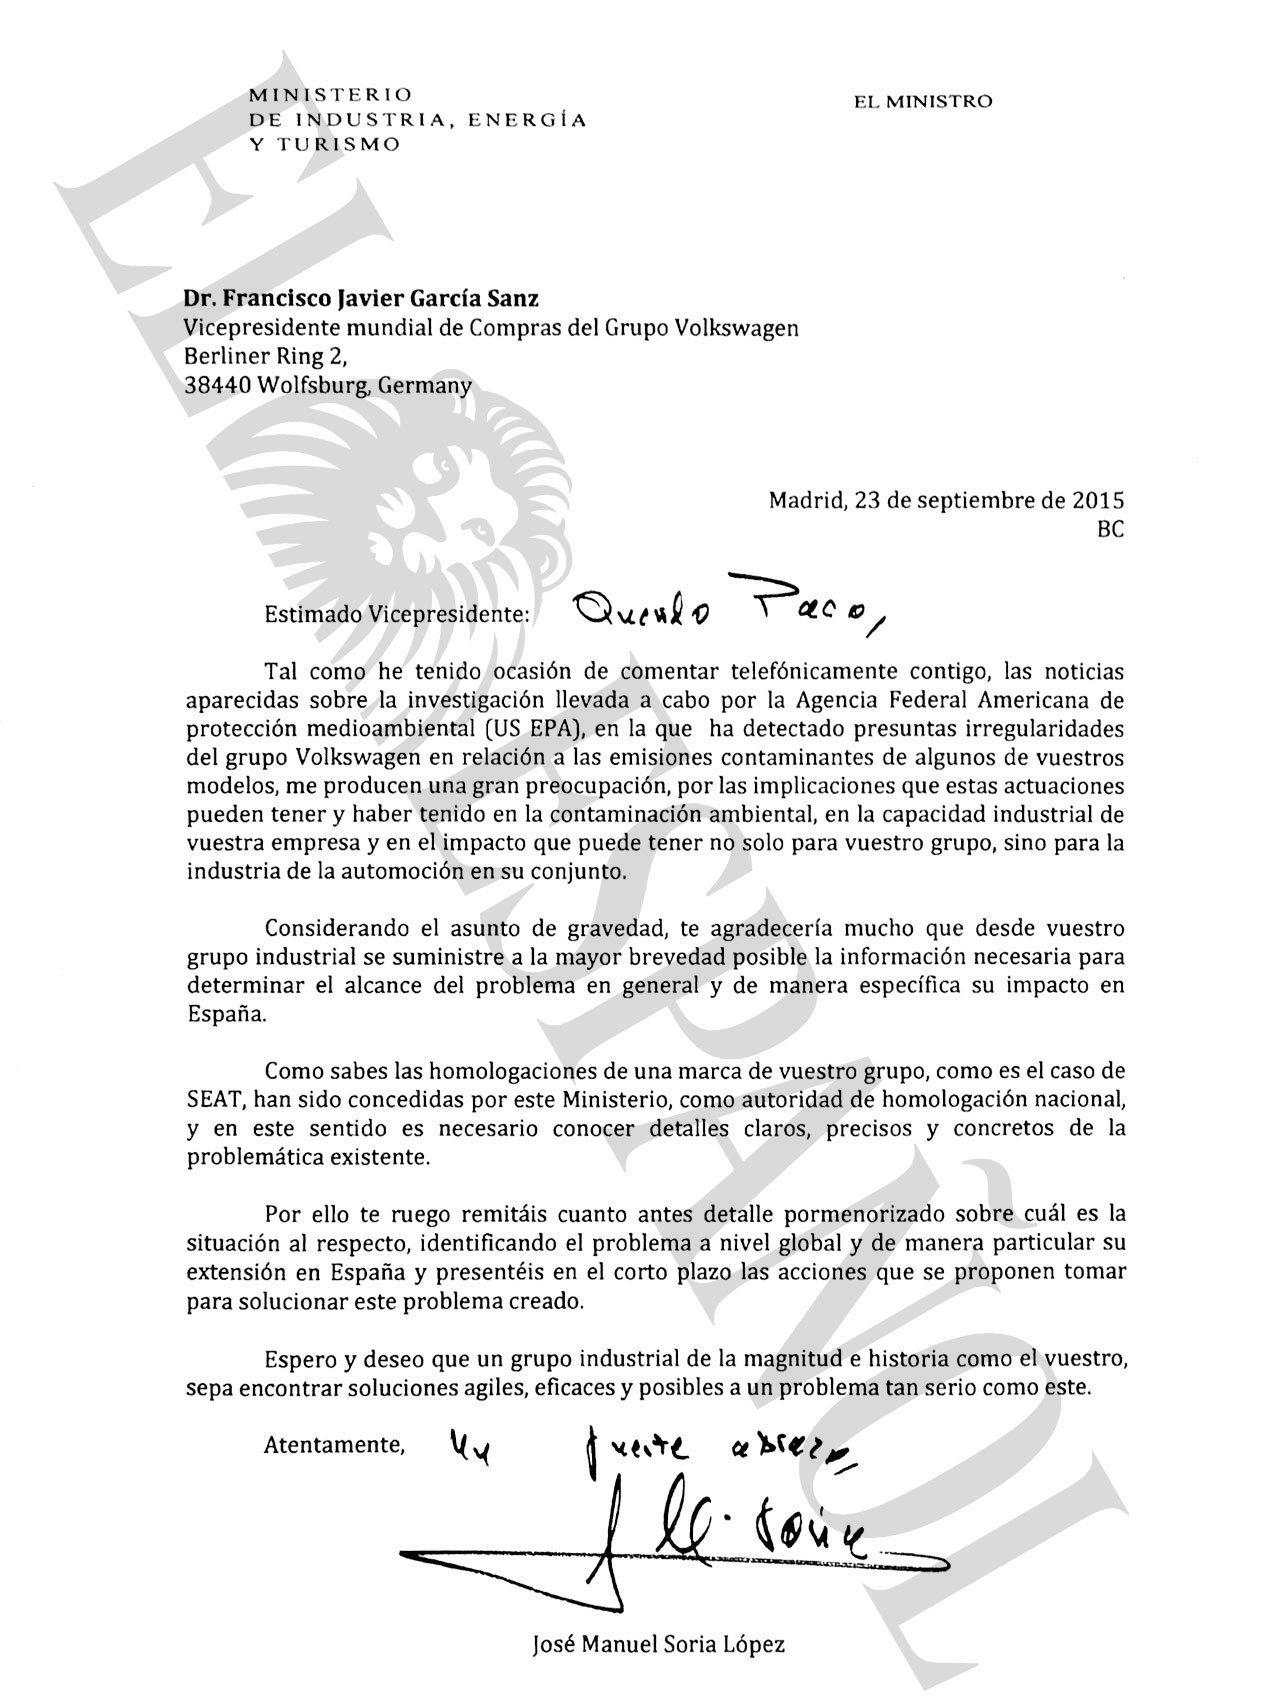 Carta del ministro Soria a los responsables de la empresa alemana.